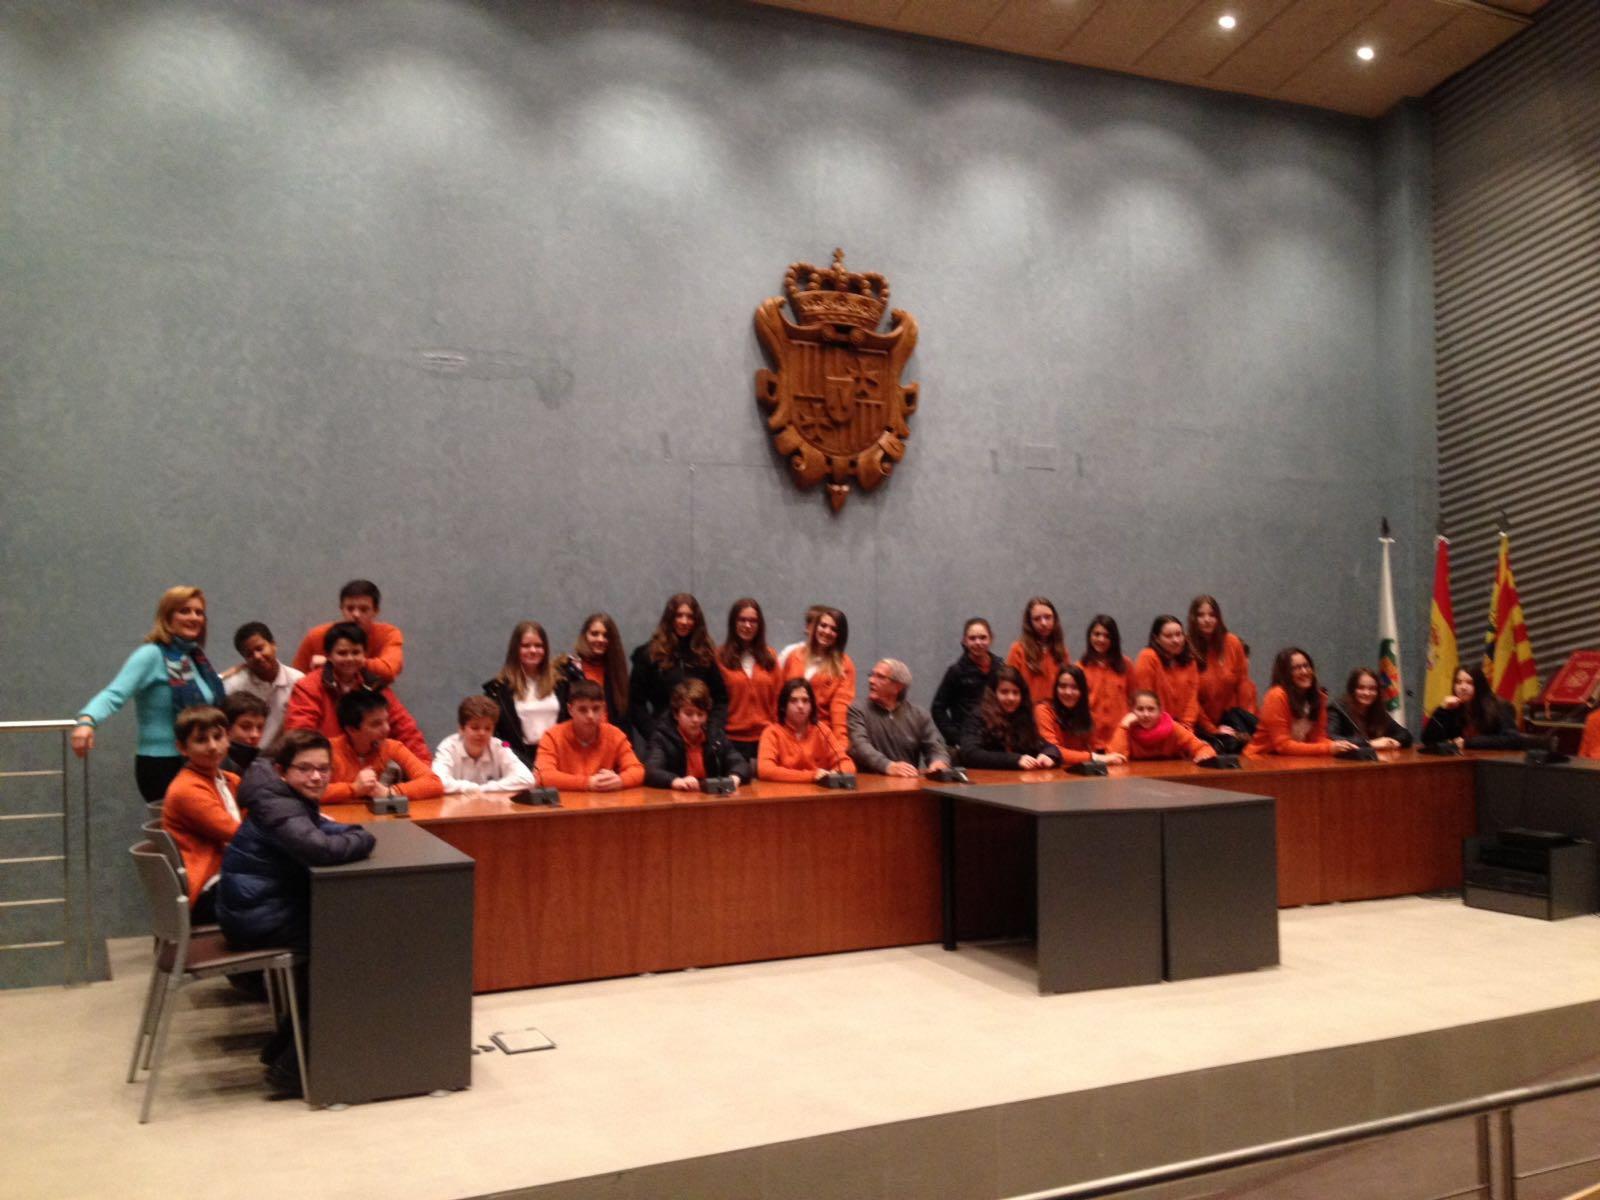 AYUNTAMIENTO CUARTE (3) - Colegio Internacional Ánfora